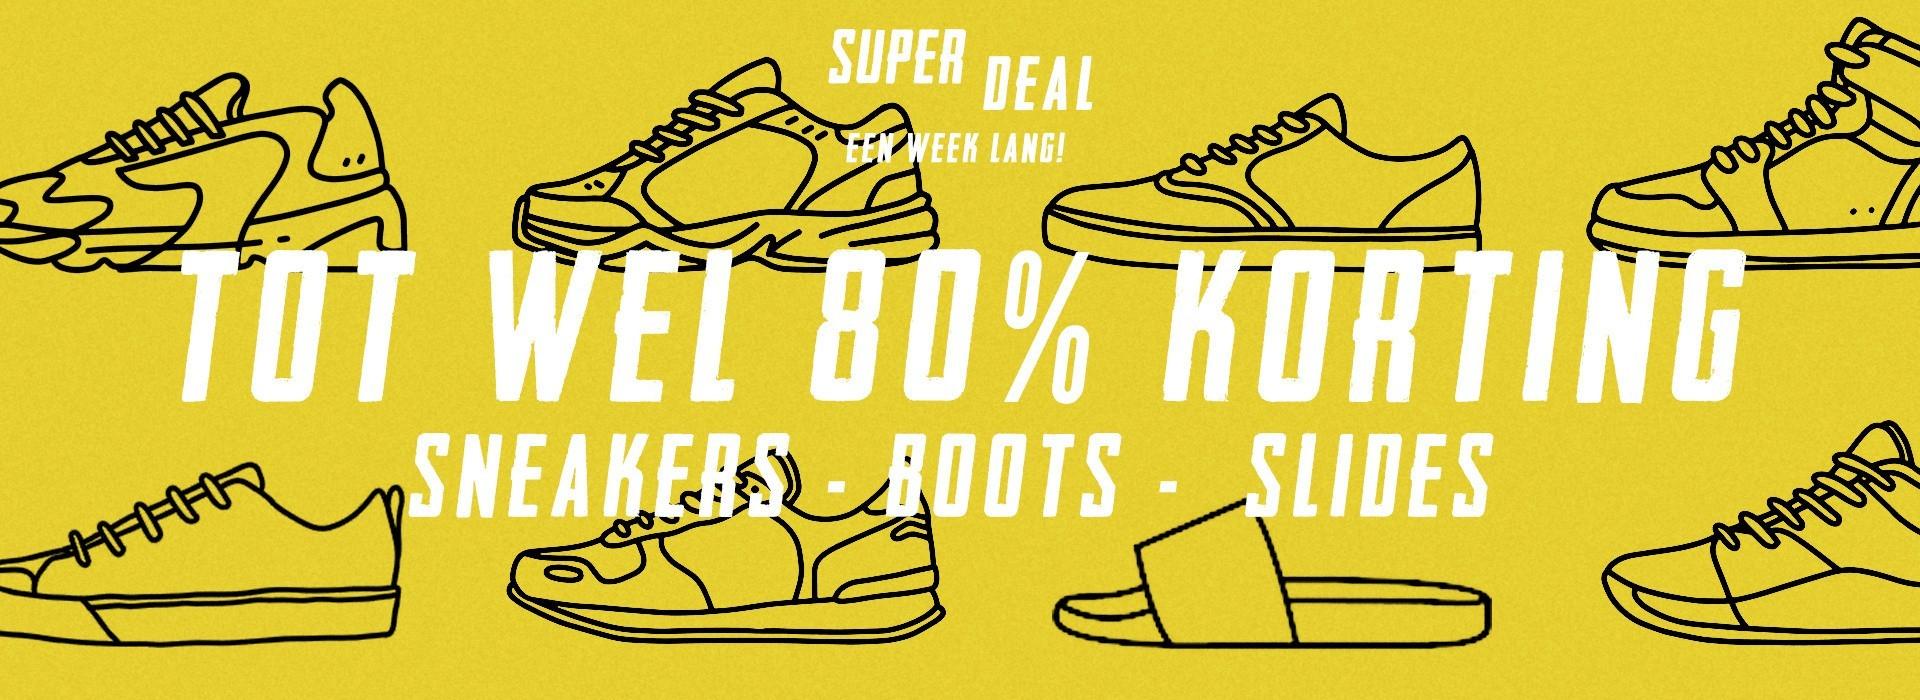 Go-Britain.nl sneakers tot 80% korting